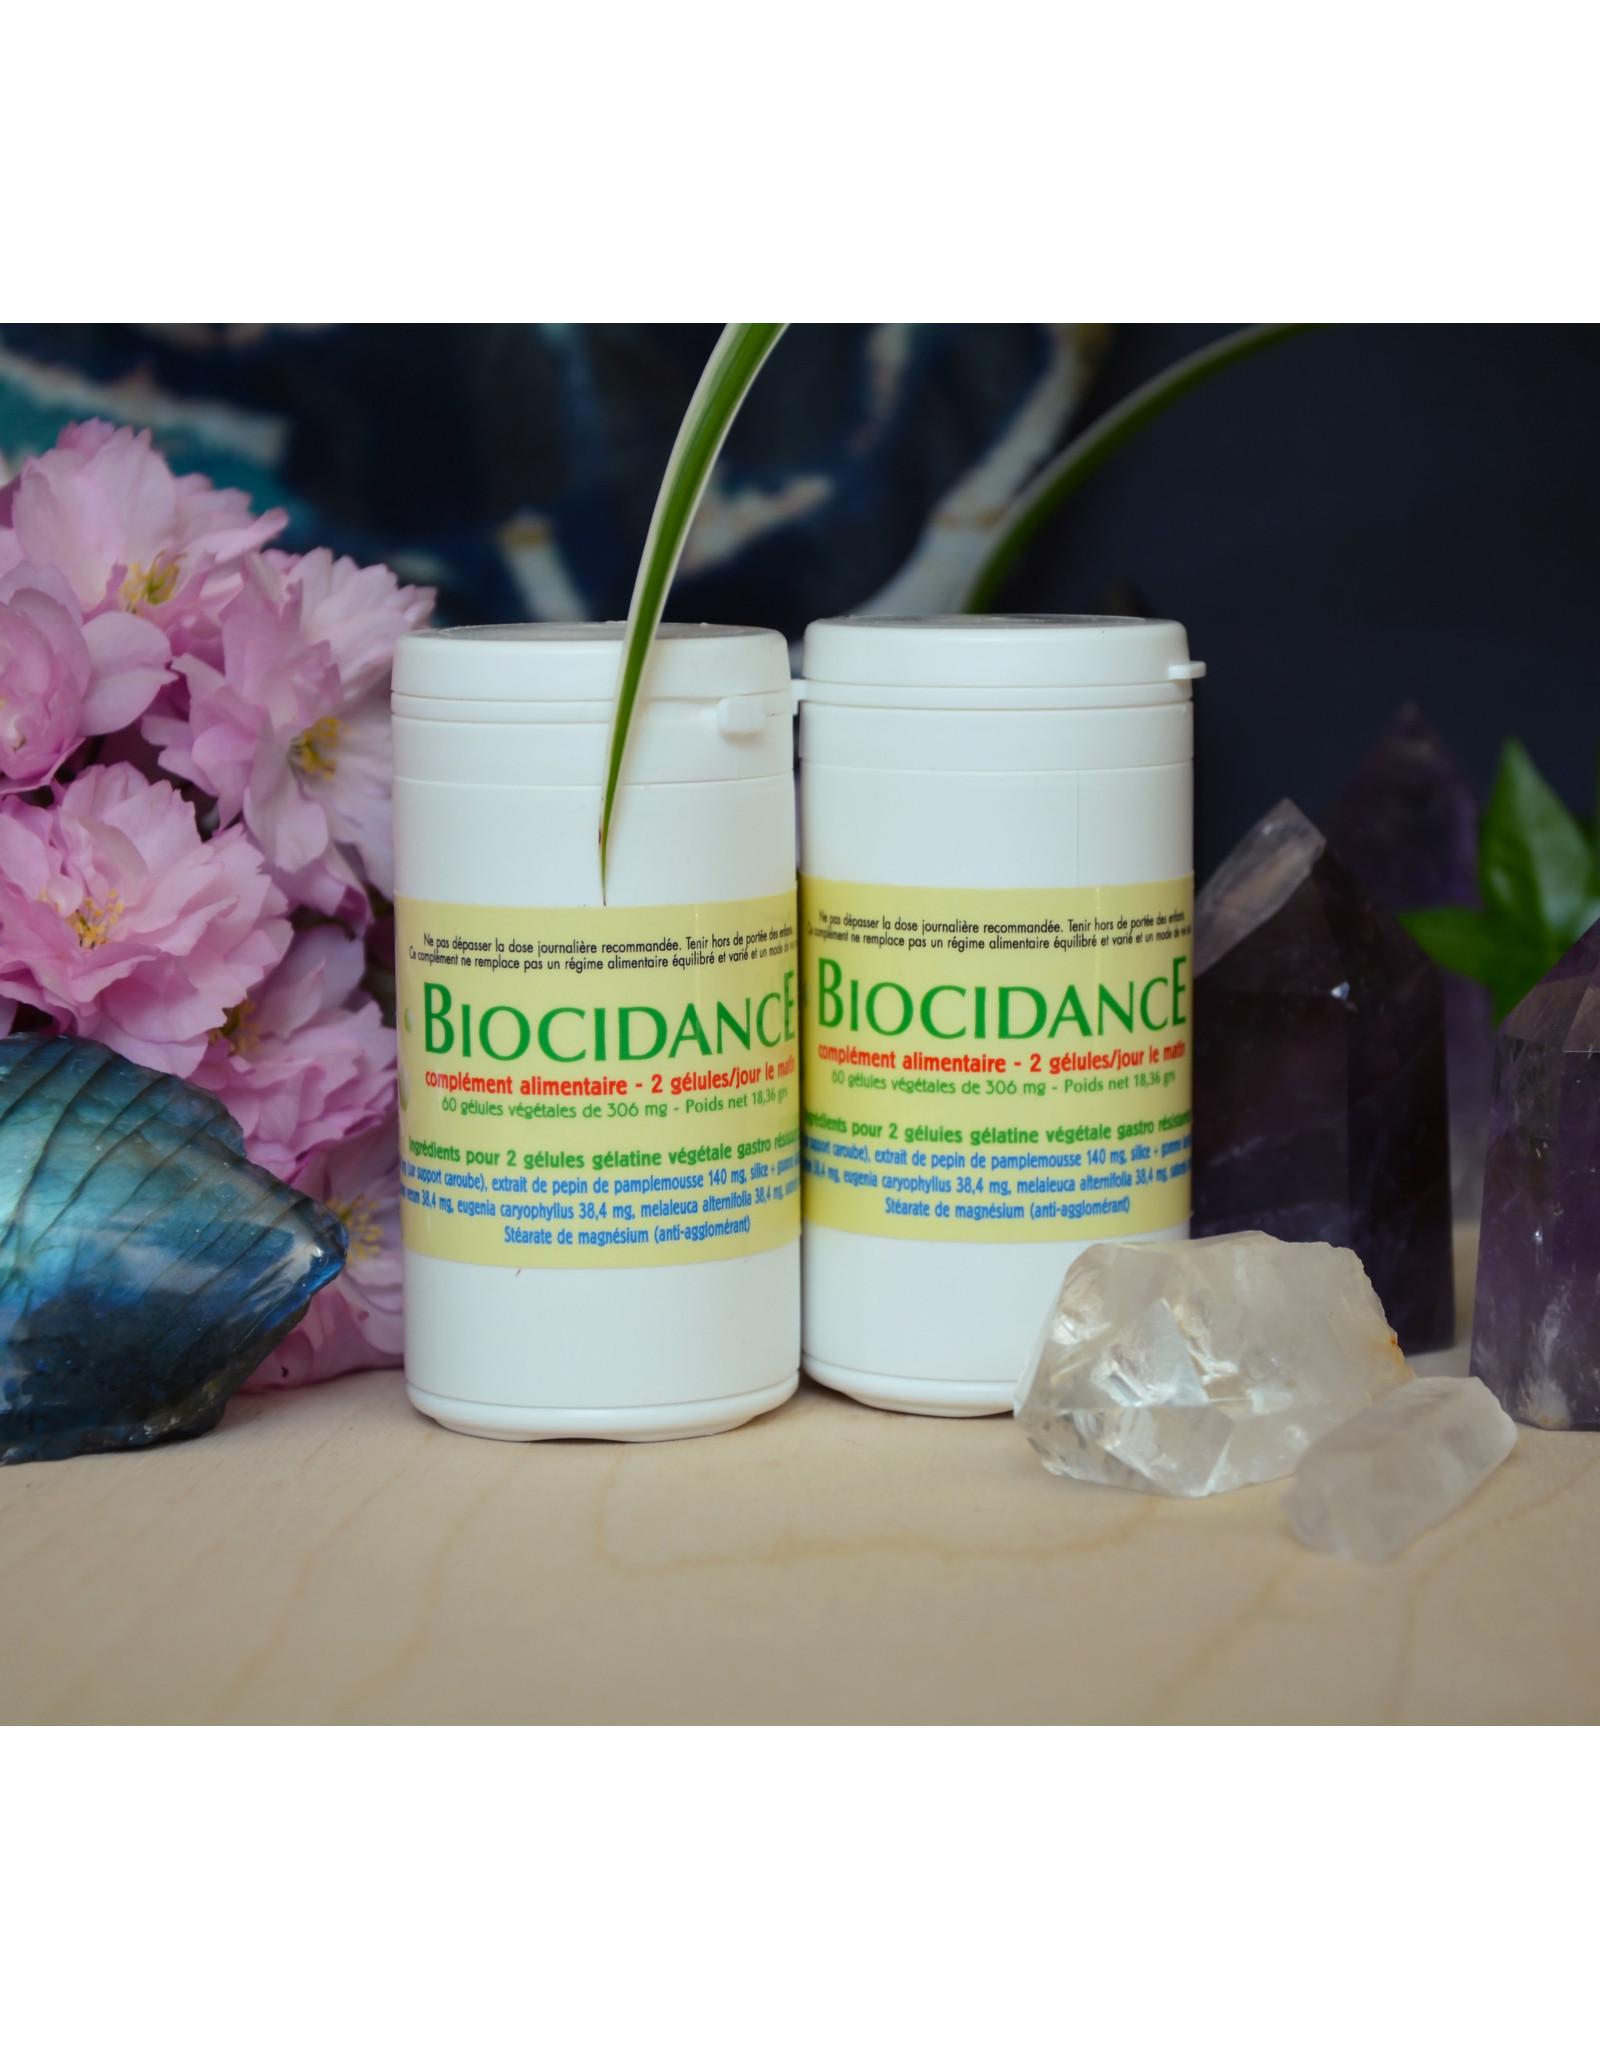 jade recherche Biocidance 60 gel